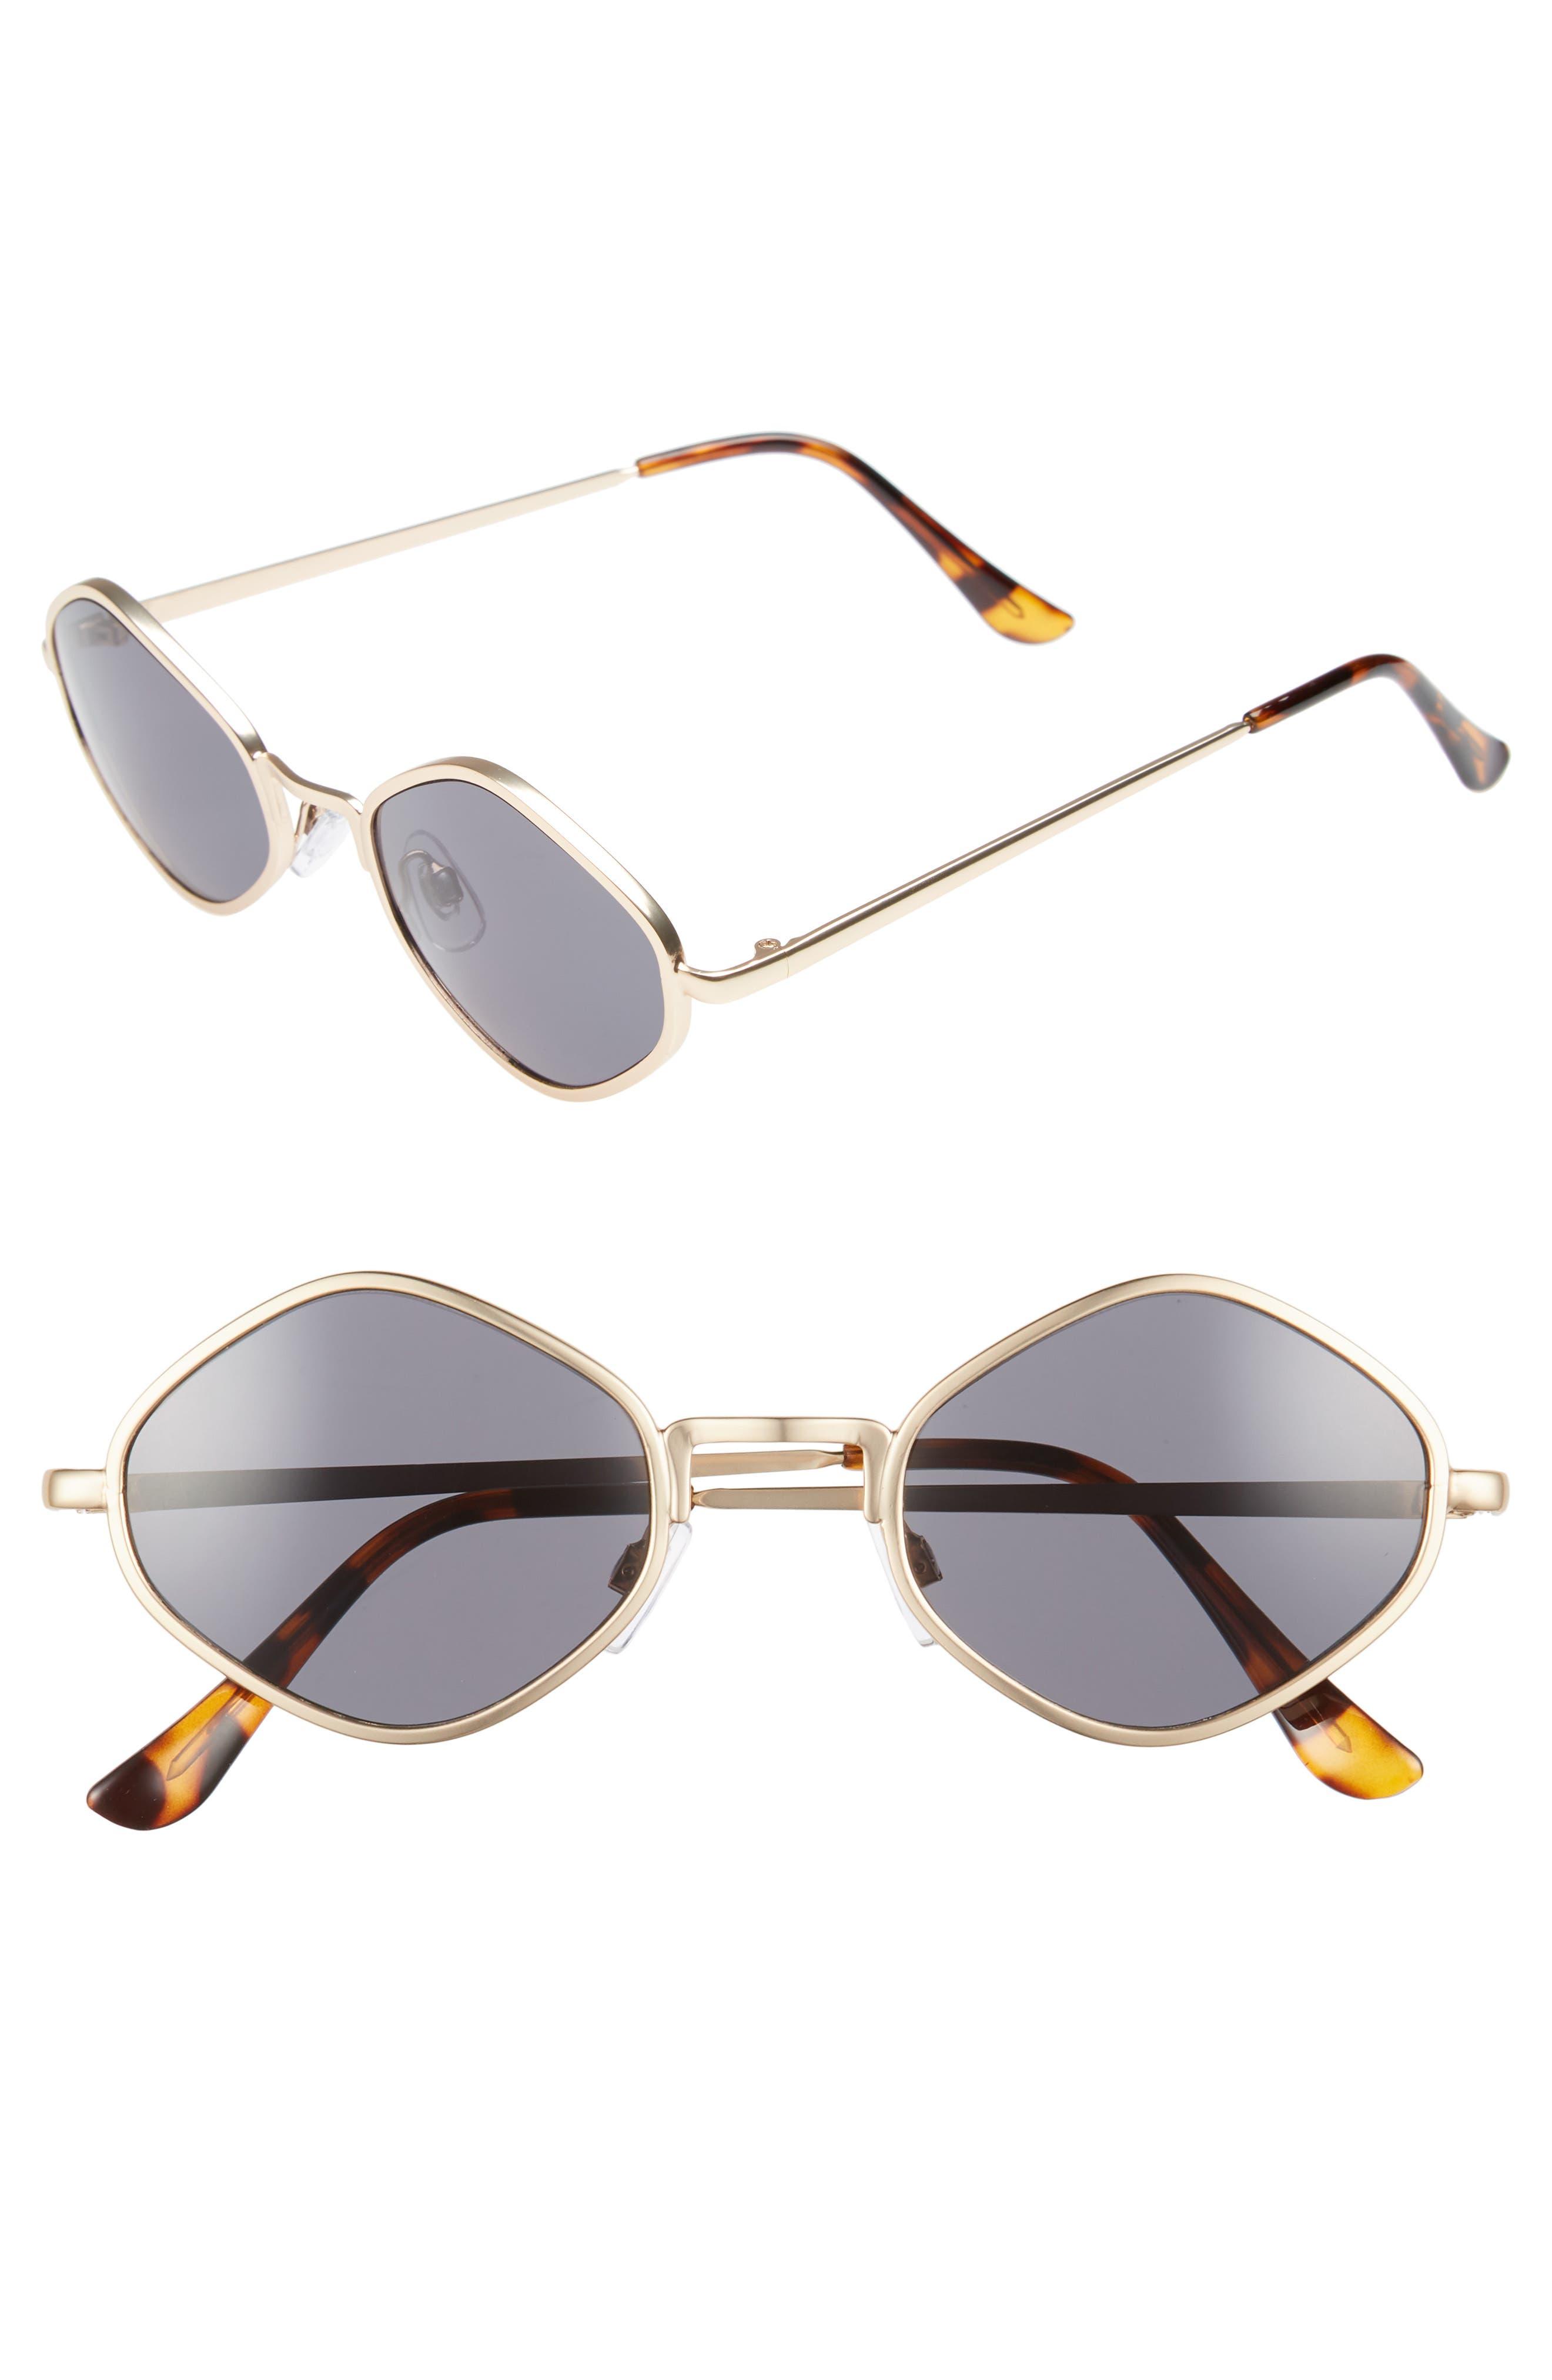 Geo Metal Sunglasses,                             Main thumbnail 1, color,                             710